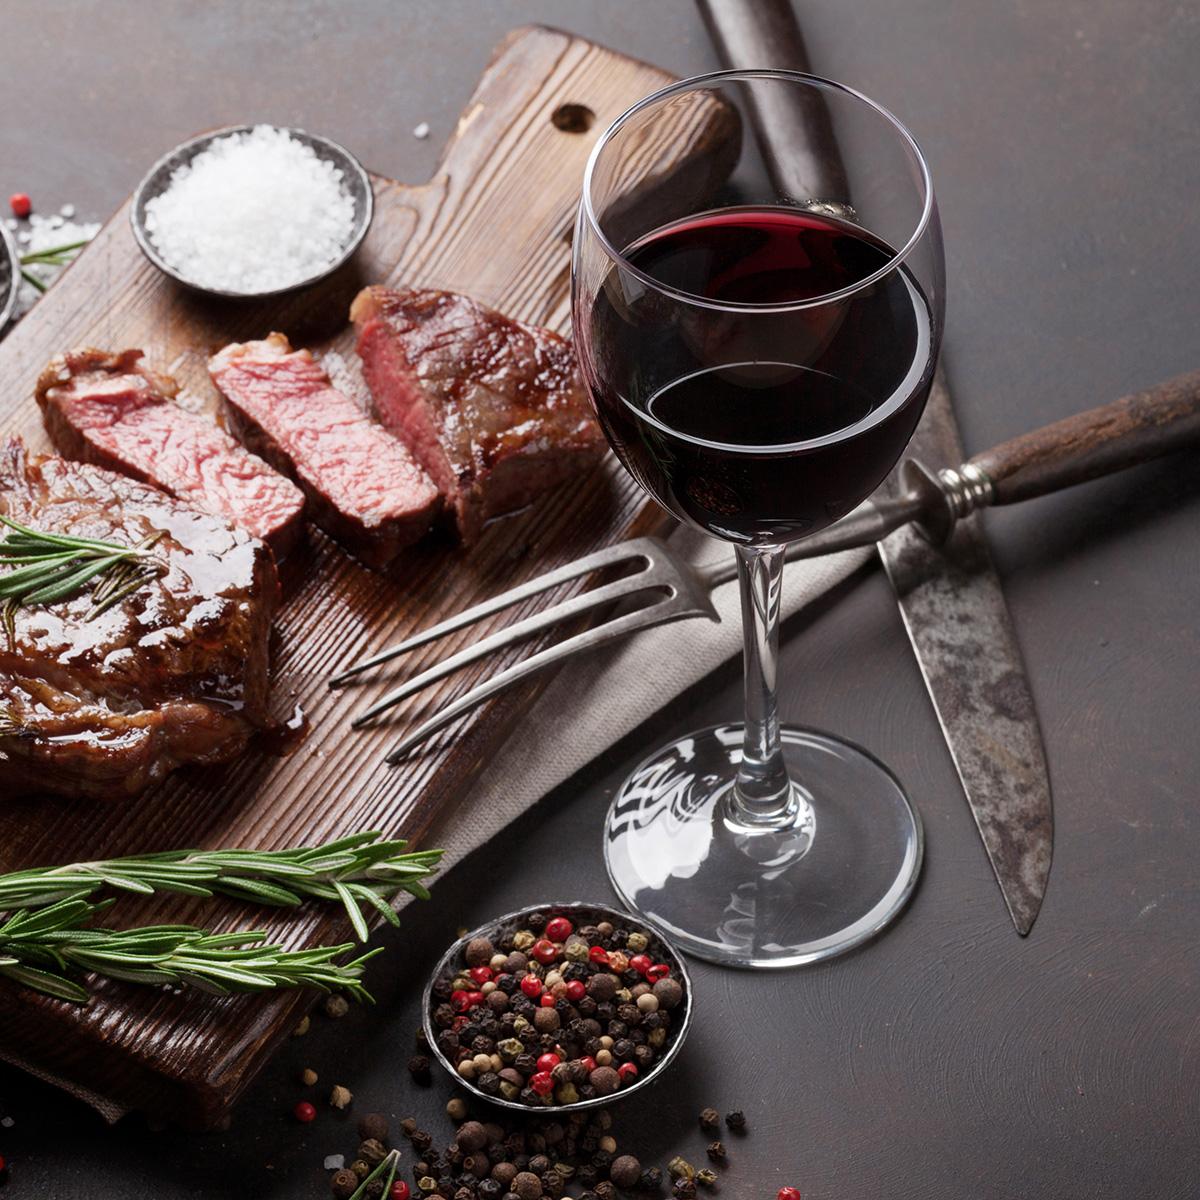 Thảo mộc và gia vị kết hợp với rượu vang